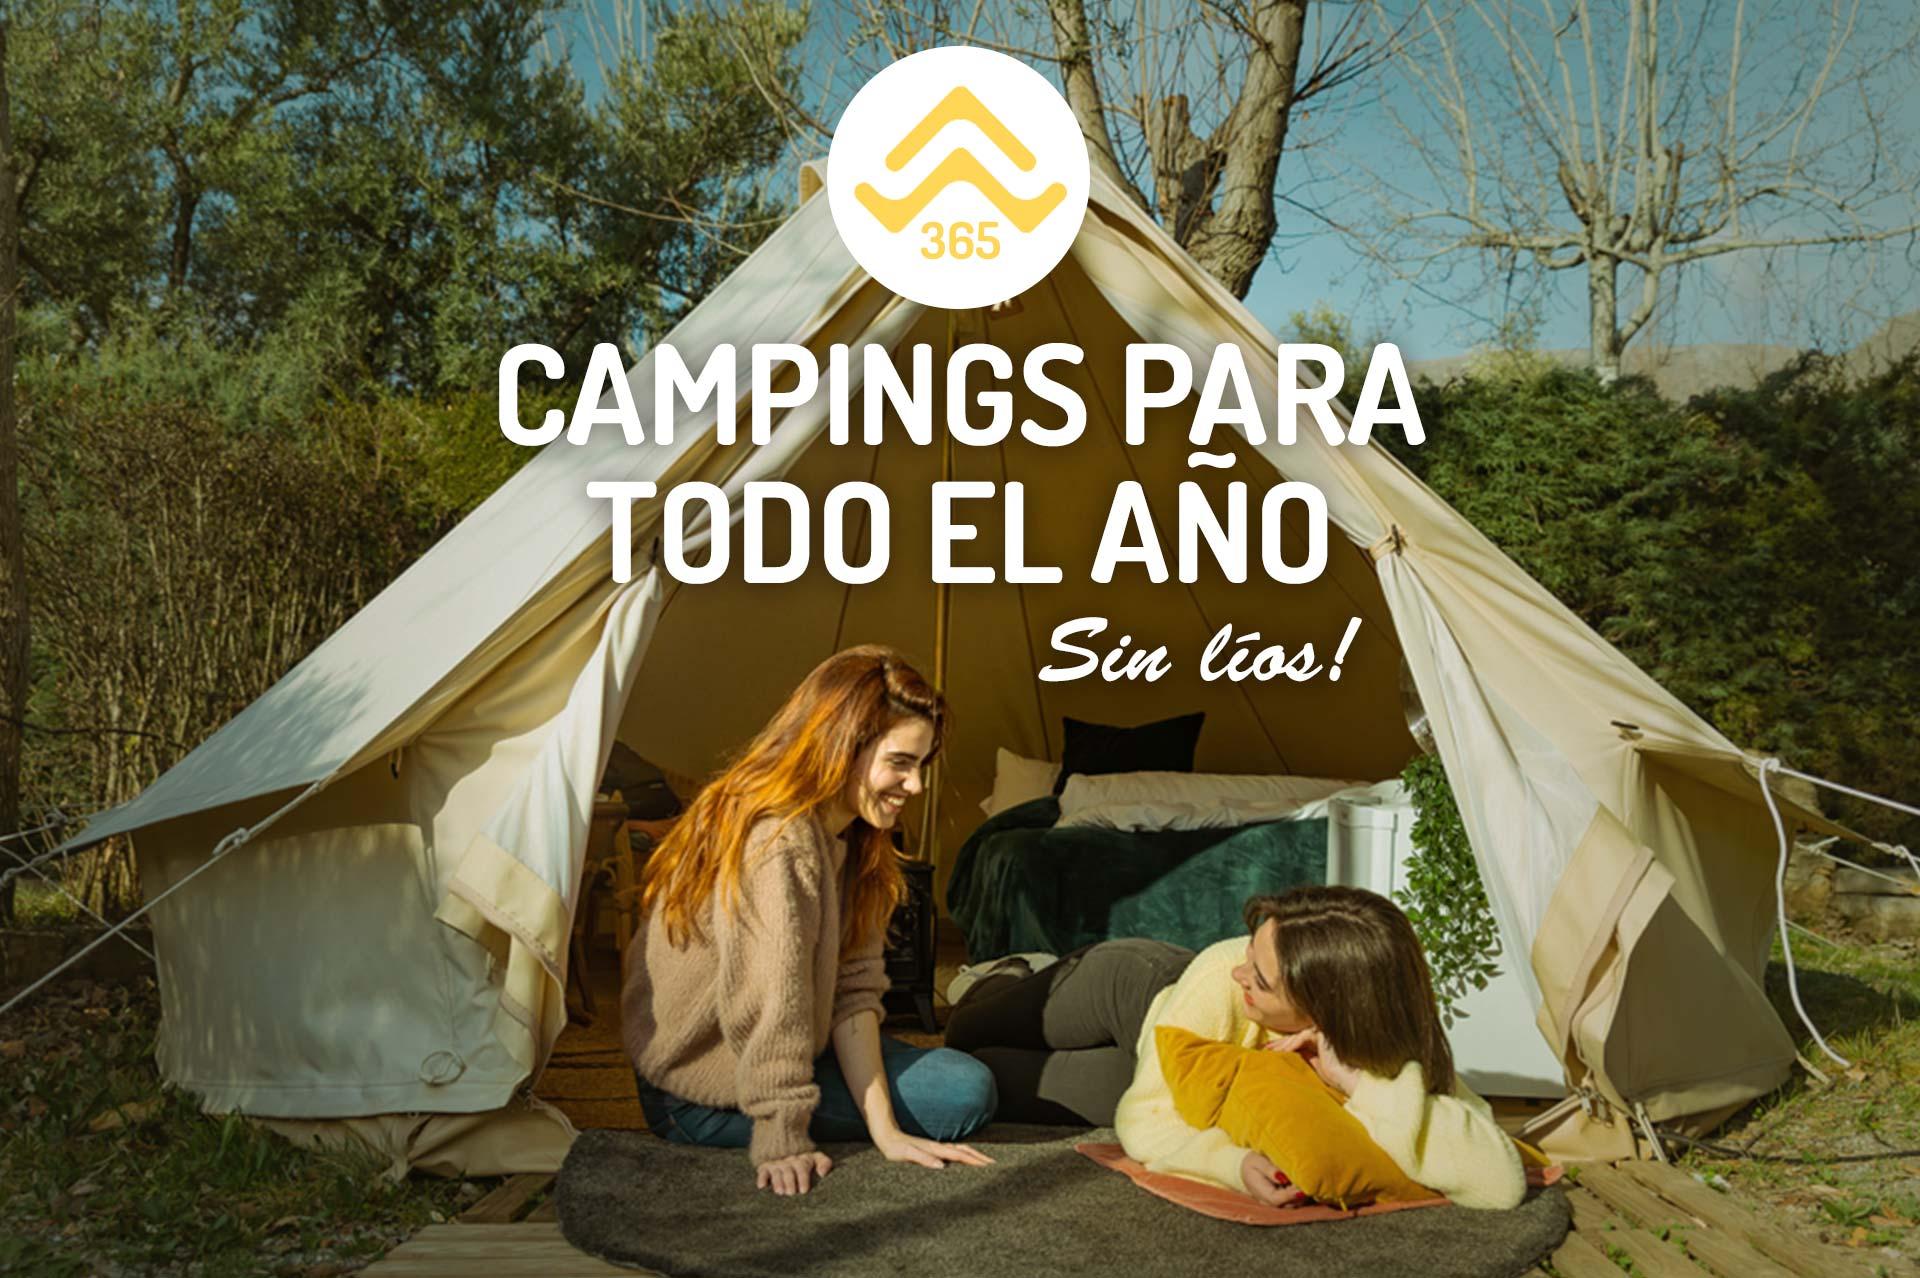 Camping abiertos todo el año